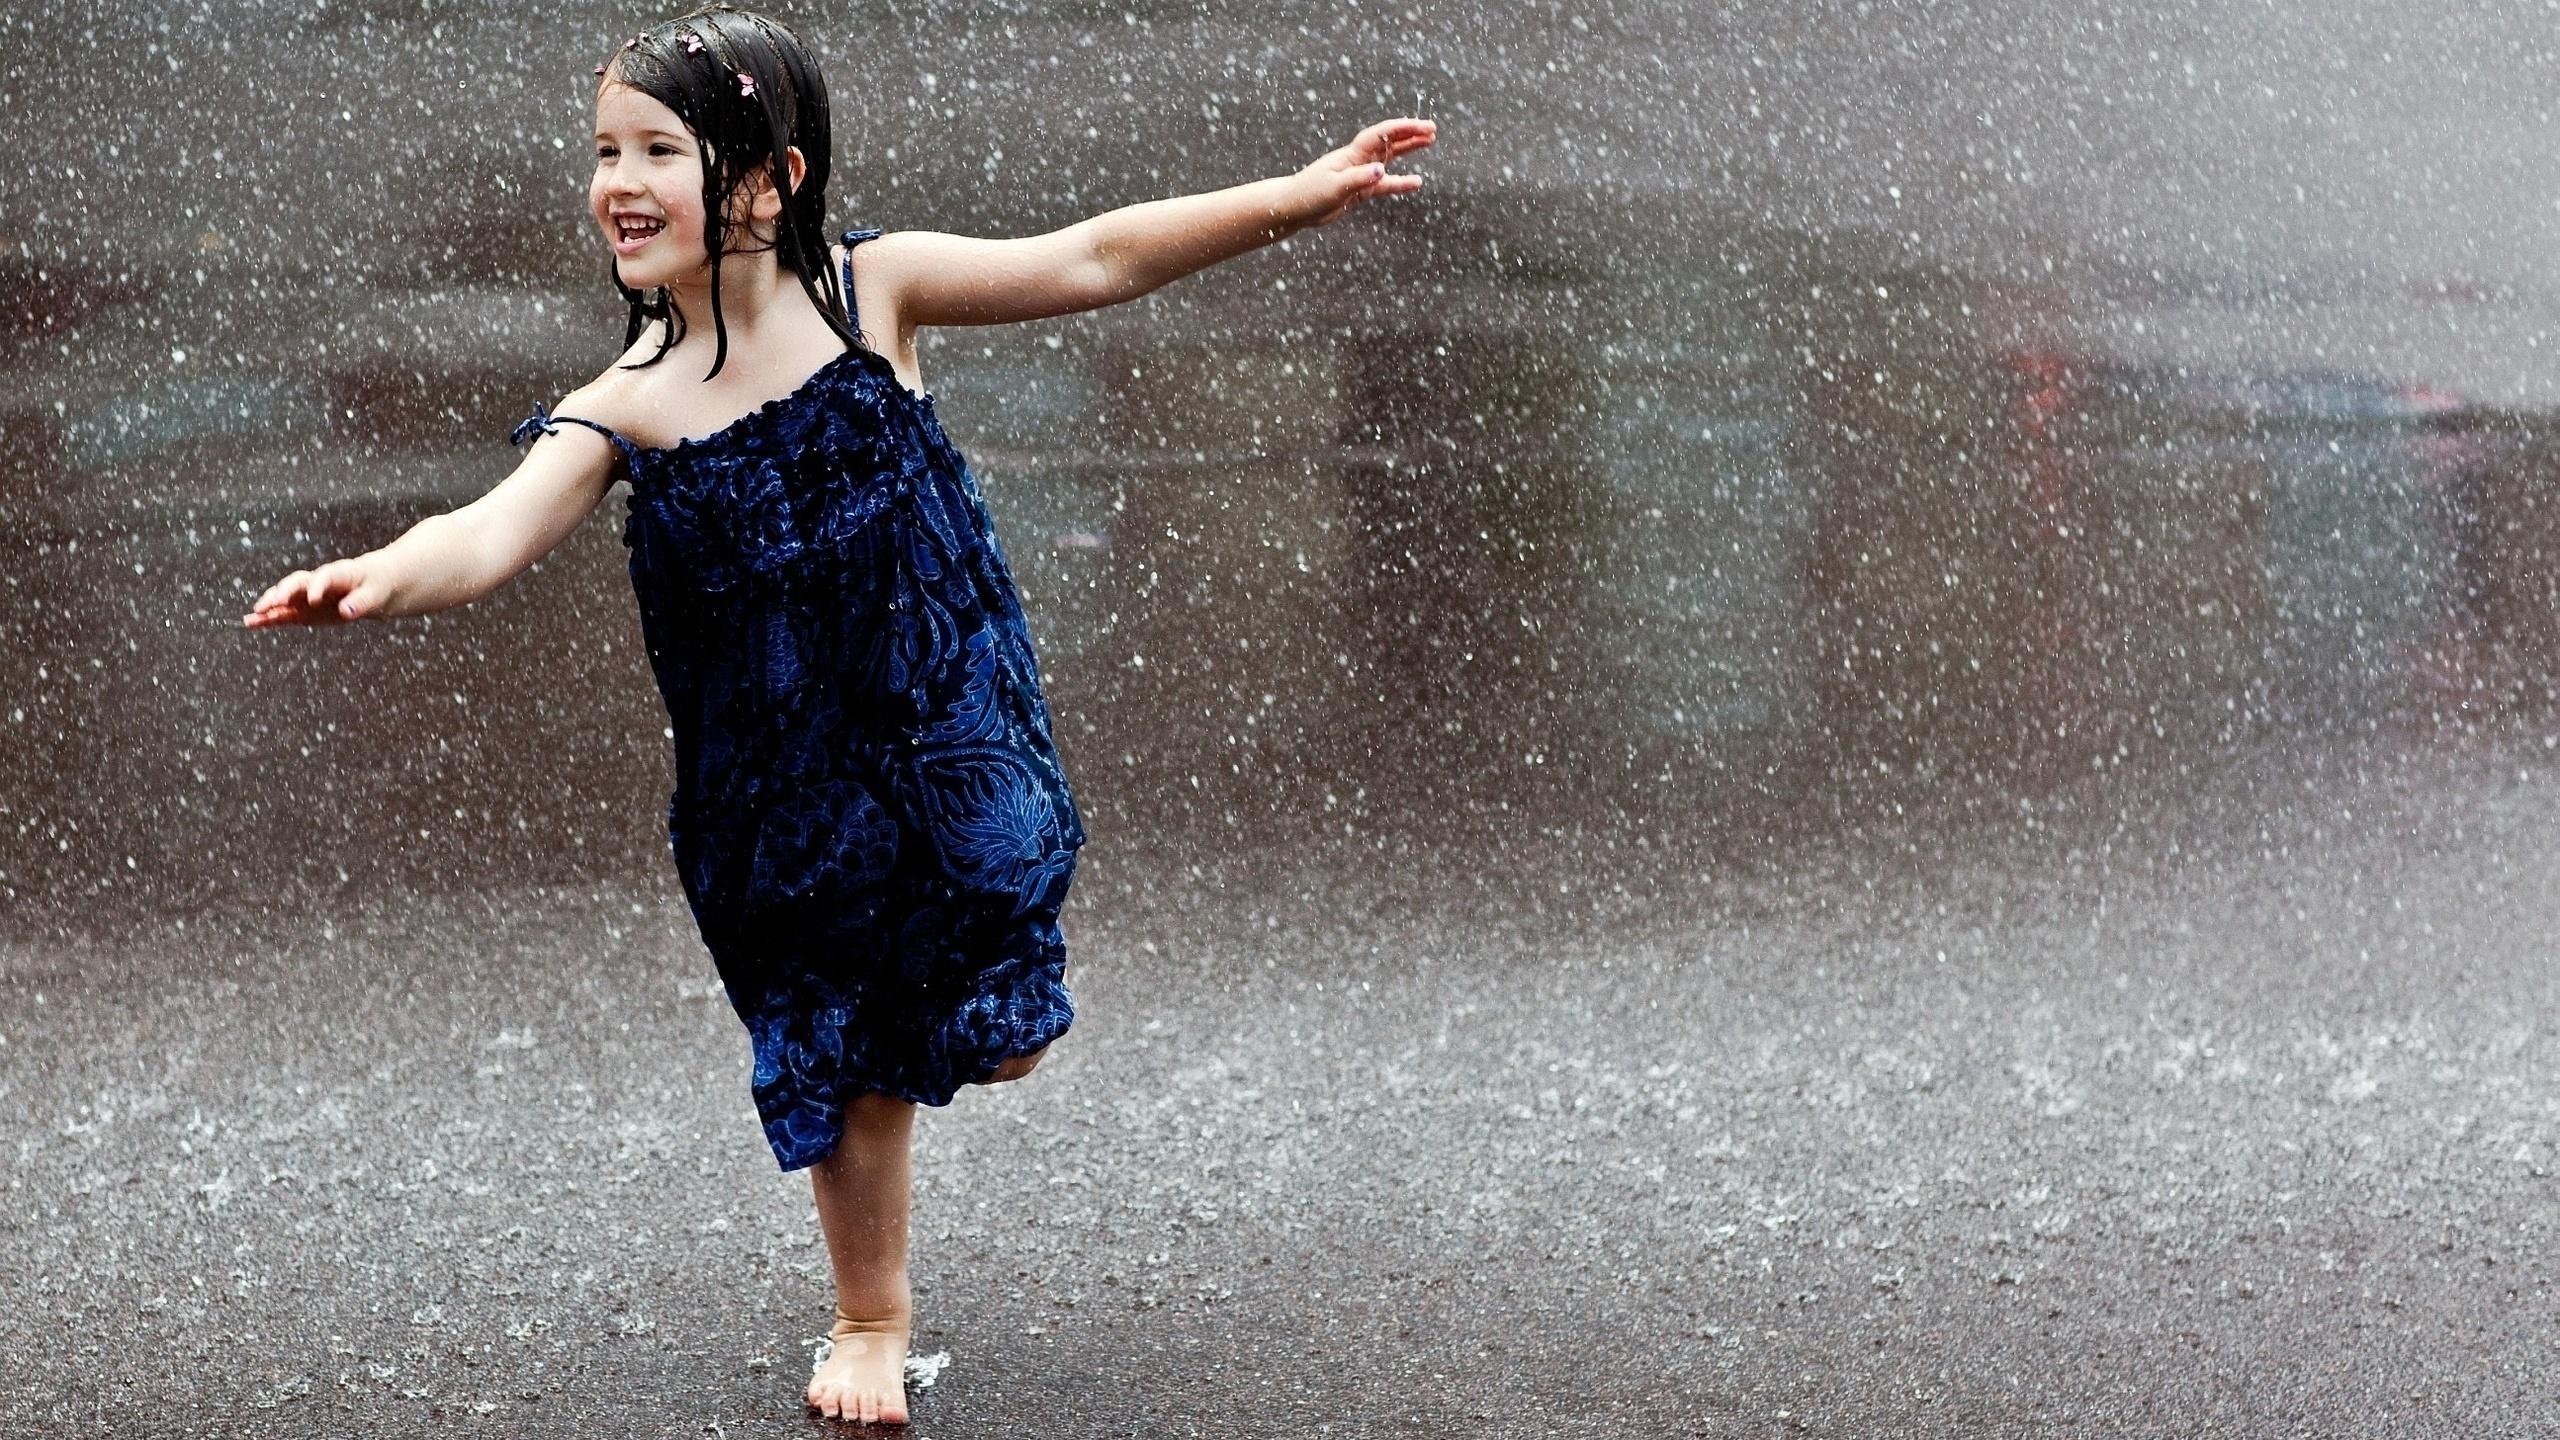 Картинки с надписями девушка под дождем, двигающие своими